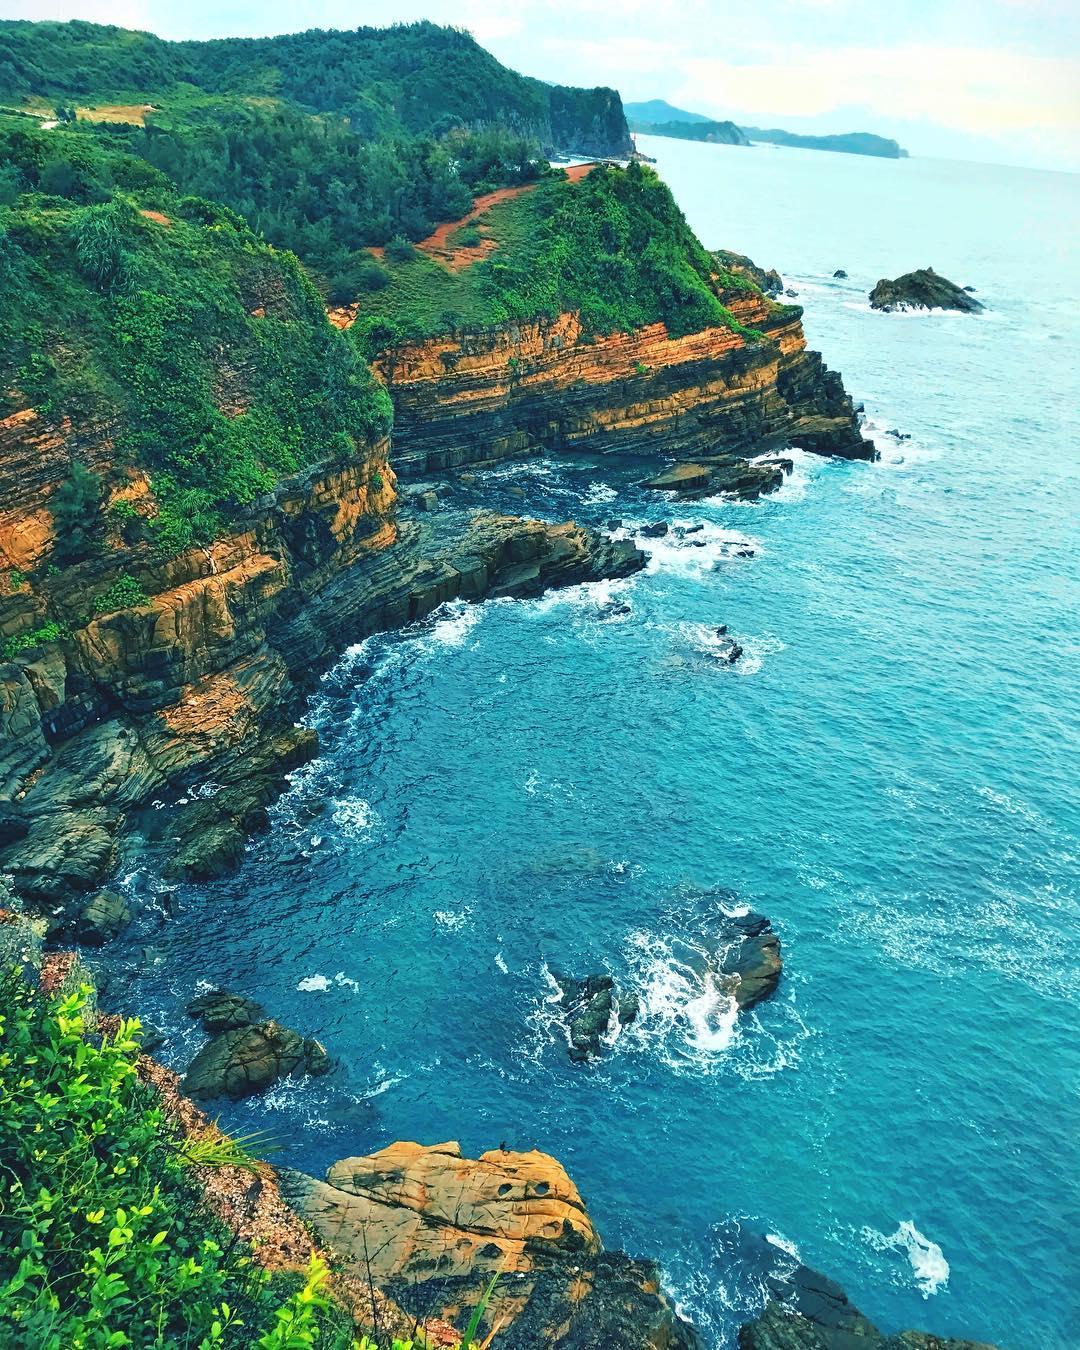 Những hòn đảo thiên đường ngay tại Việt Nam cho dịp lễ 30/4 - 1/5 - Ảnh 1.